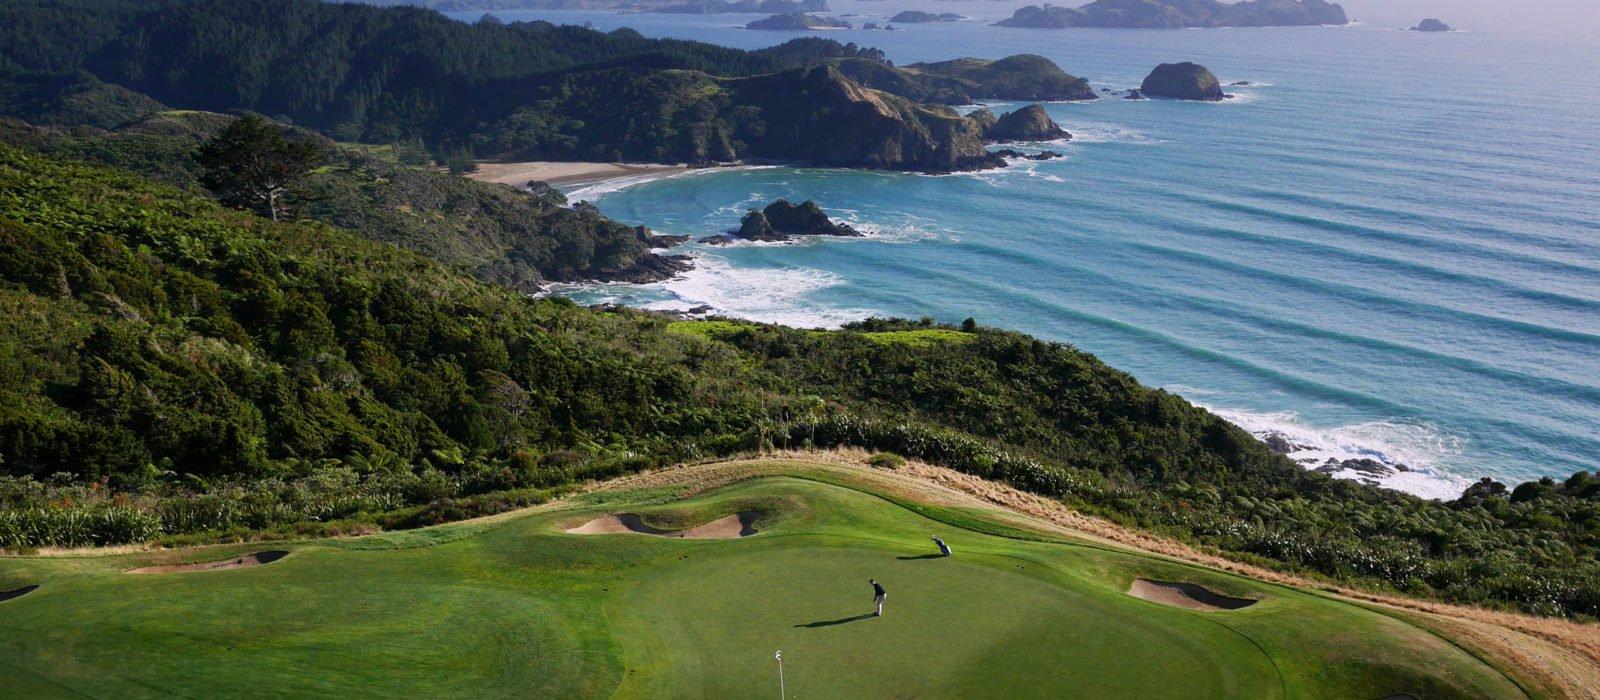 kauri-cliffs-new-zealand-golf-course